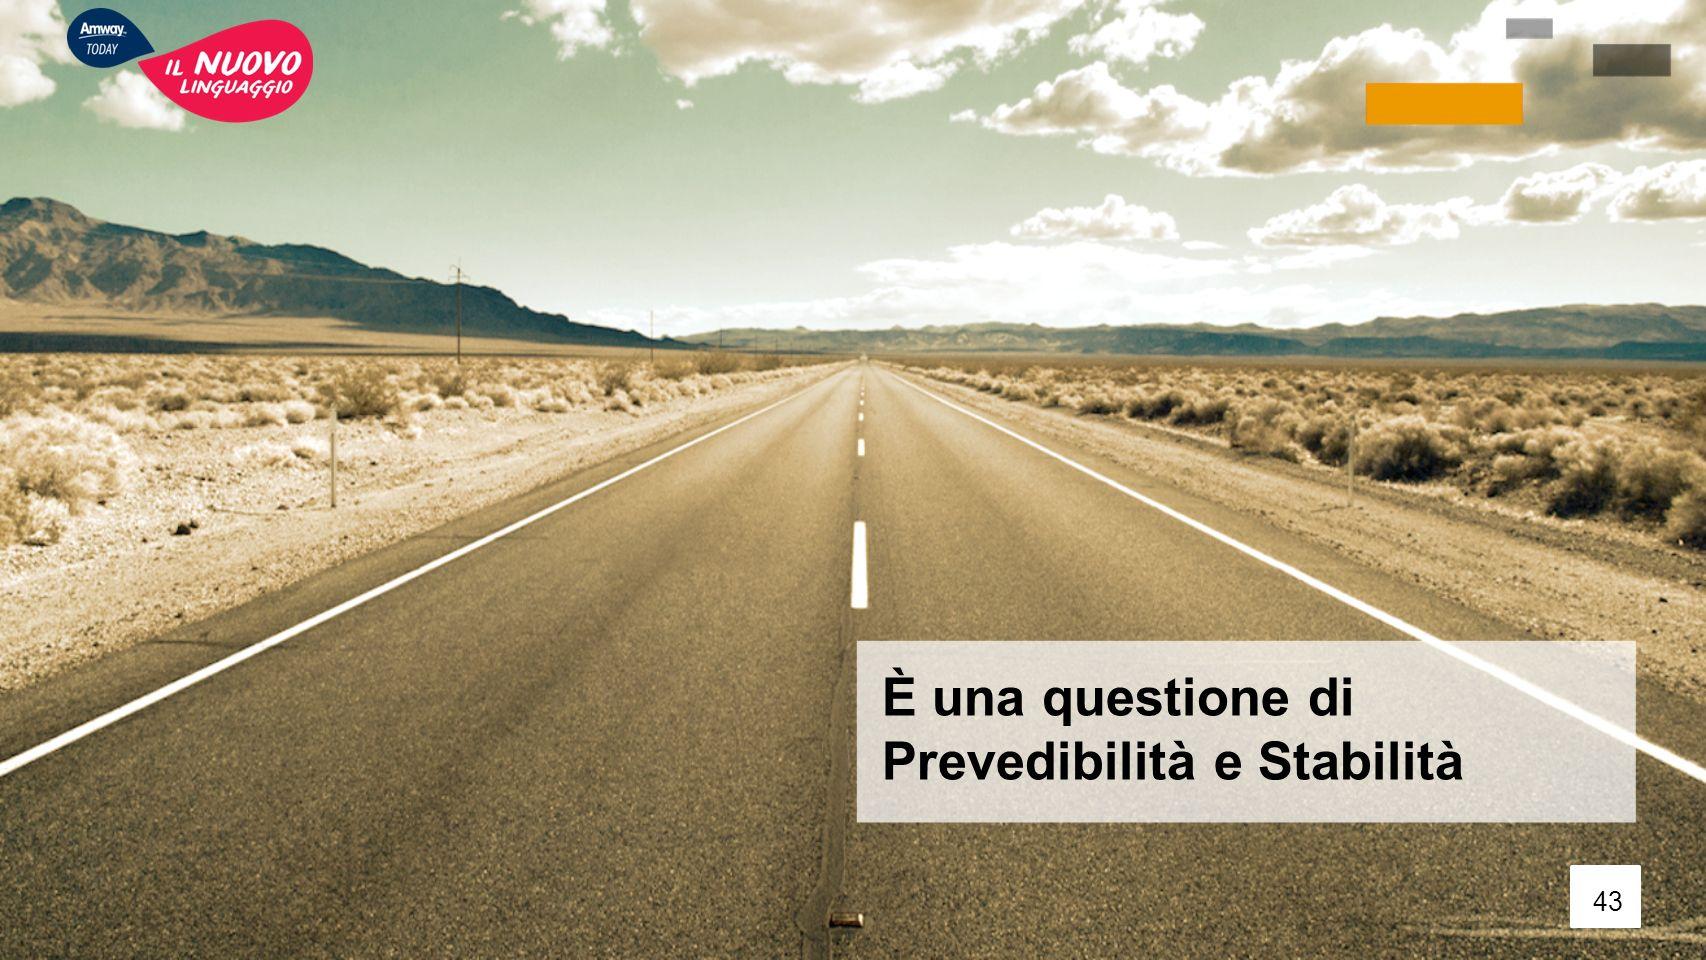 Prevedibilità e Stabilità